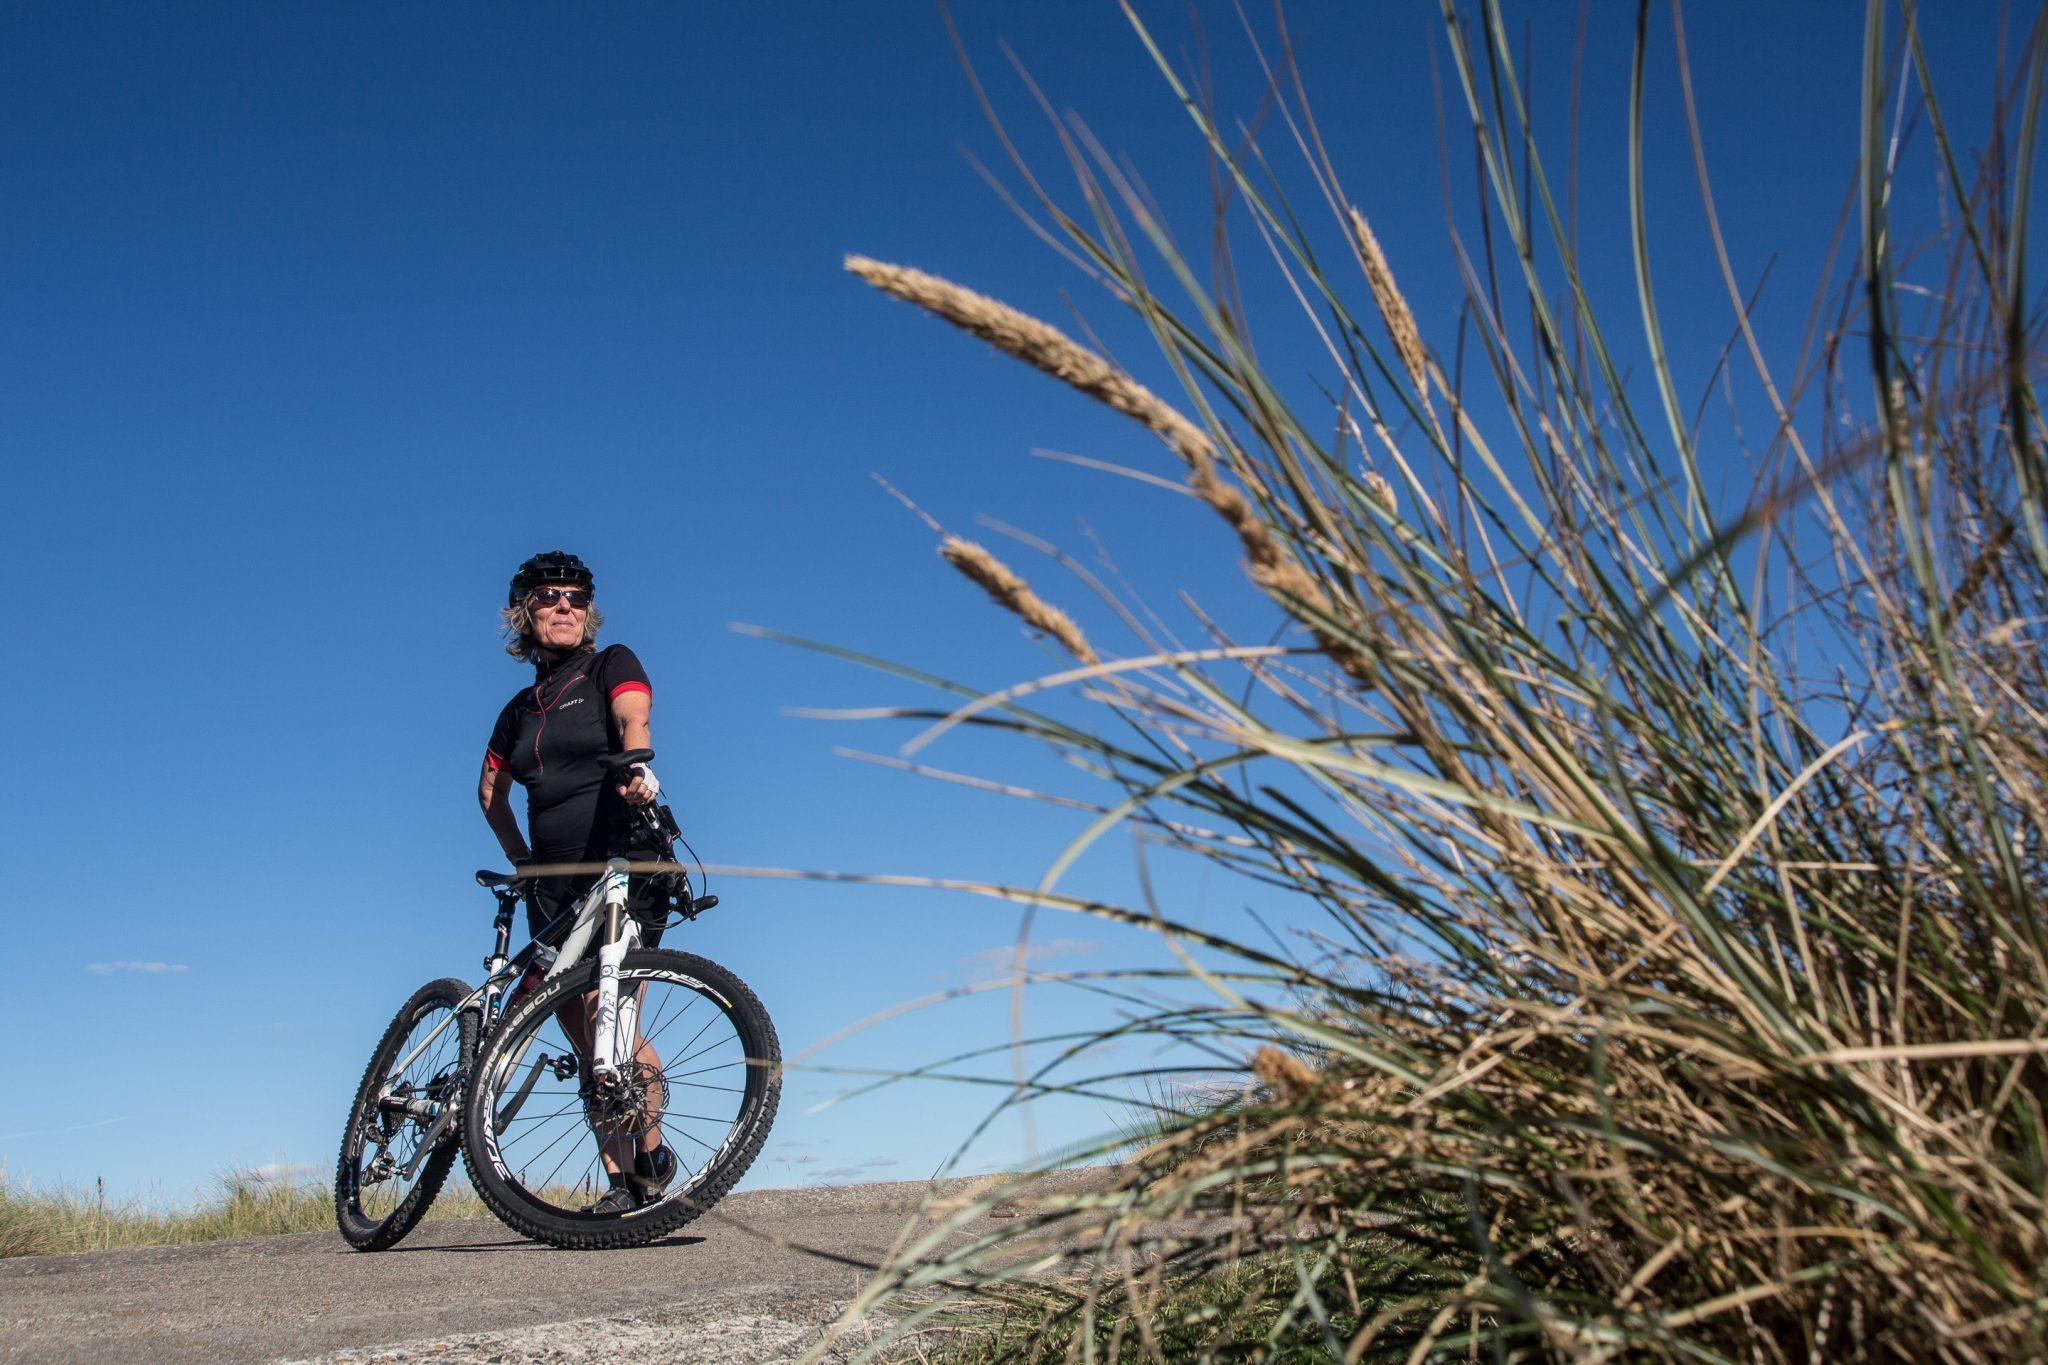 Fotograf Jan Høst-Aaris fra Vodskov i Aalborg kommune har taget et billede af mountainbiker Winni Jørgensen og bruger billedet til et mini fotokursus med tre fotoøvelser på den blog Sipureco PR & kommunikation har på internettet.